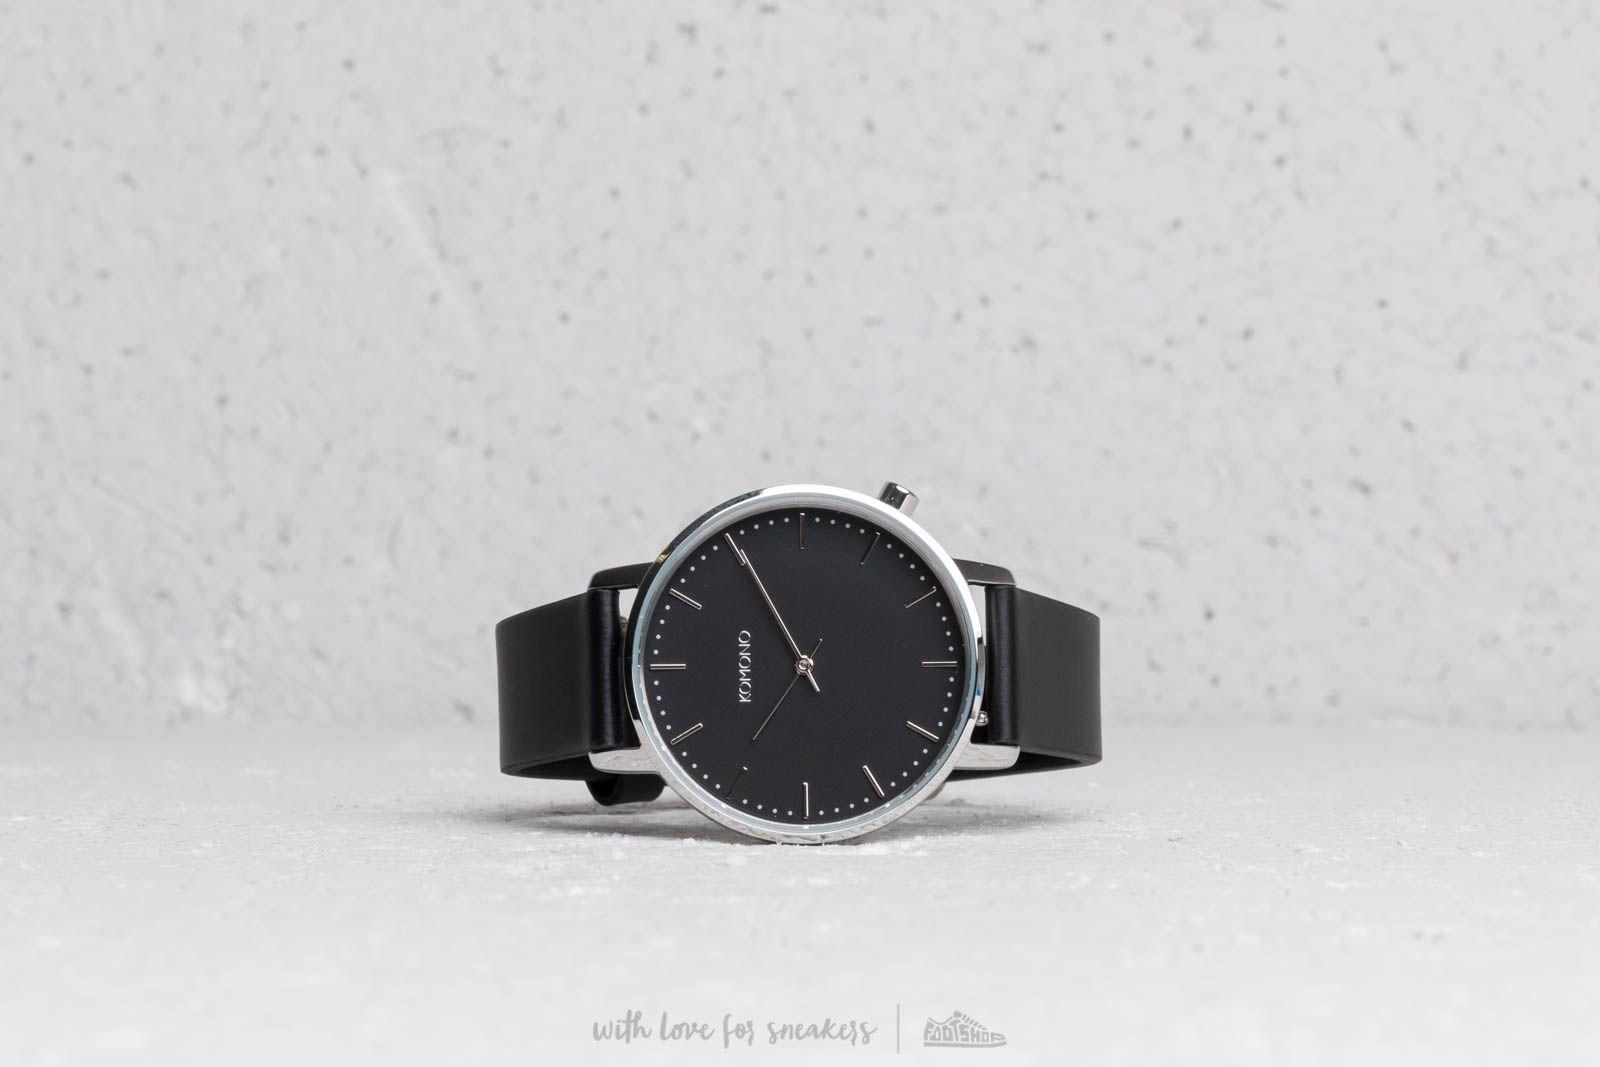 Komono Harlow Black/ Silver za skvelú cenu 136 € kúpite na Footshop.sk